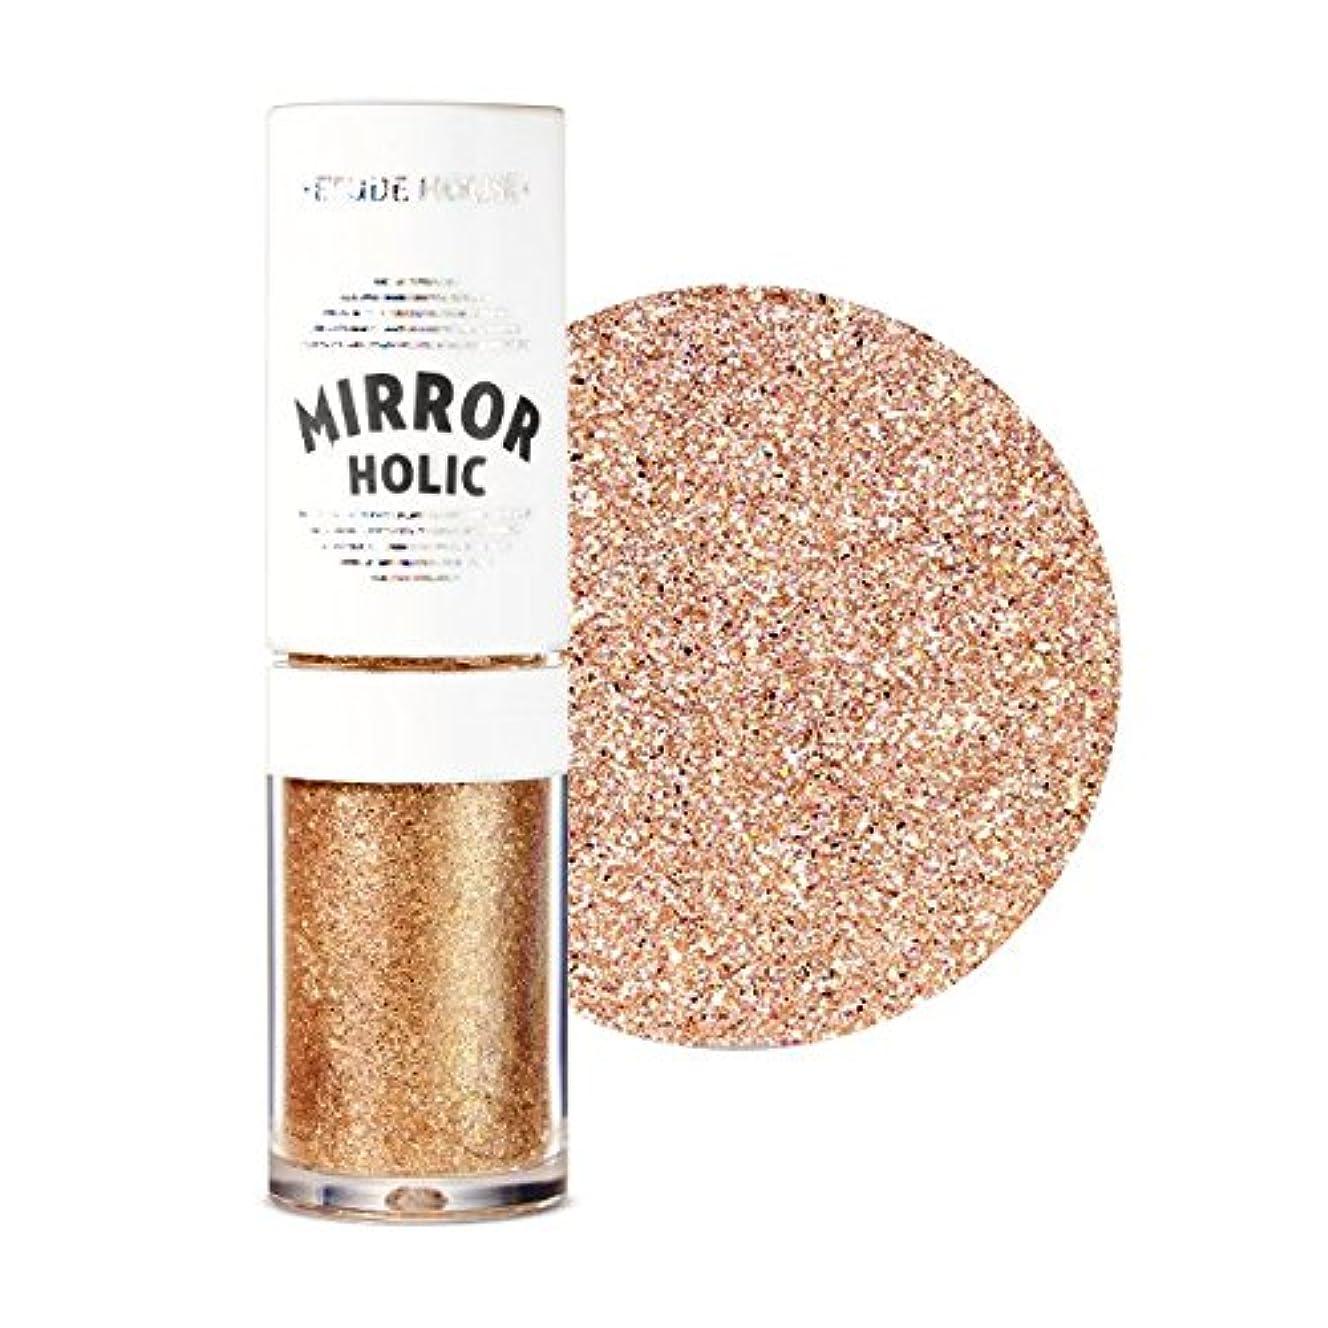 改善区失うETUDE HOUSE Mirror Holic Liquid Eyes / エチュードハウス ミラーホリックリキッドアイズ ミラーホリックリキッドアイズ (BE101) [並行輸入品]